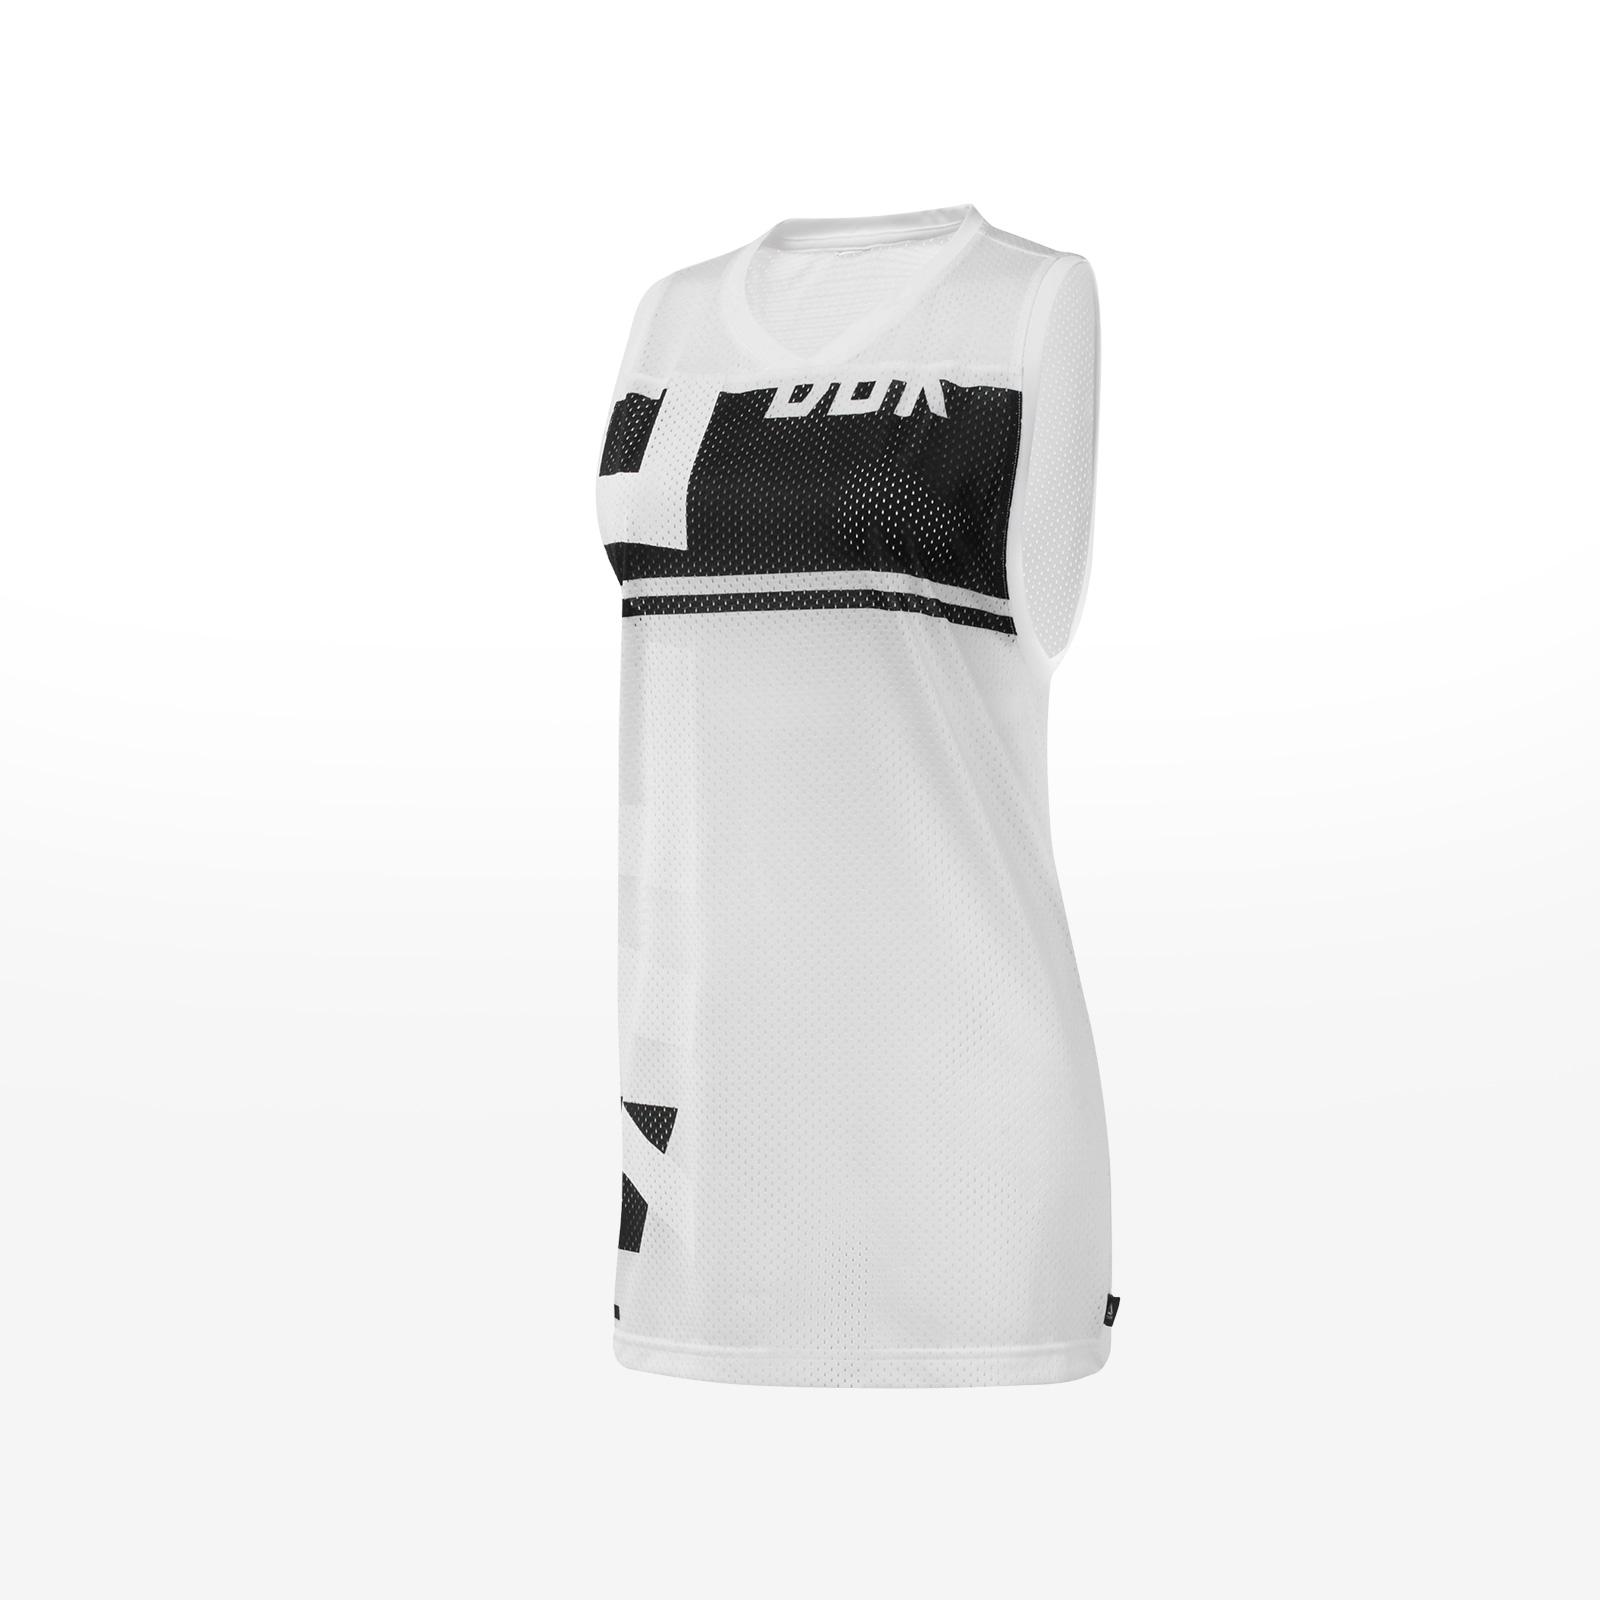 Reebok - GFC MESH BASKETBALL TANK - WHITE